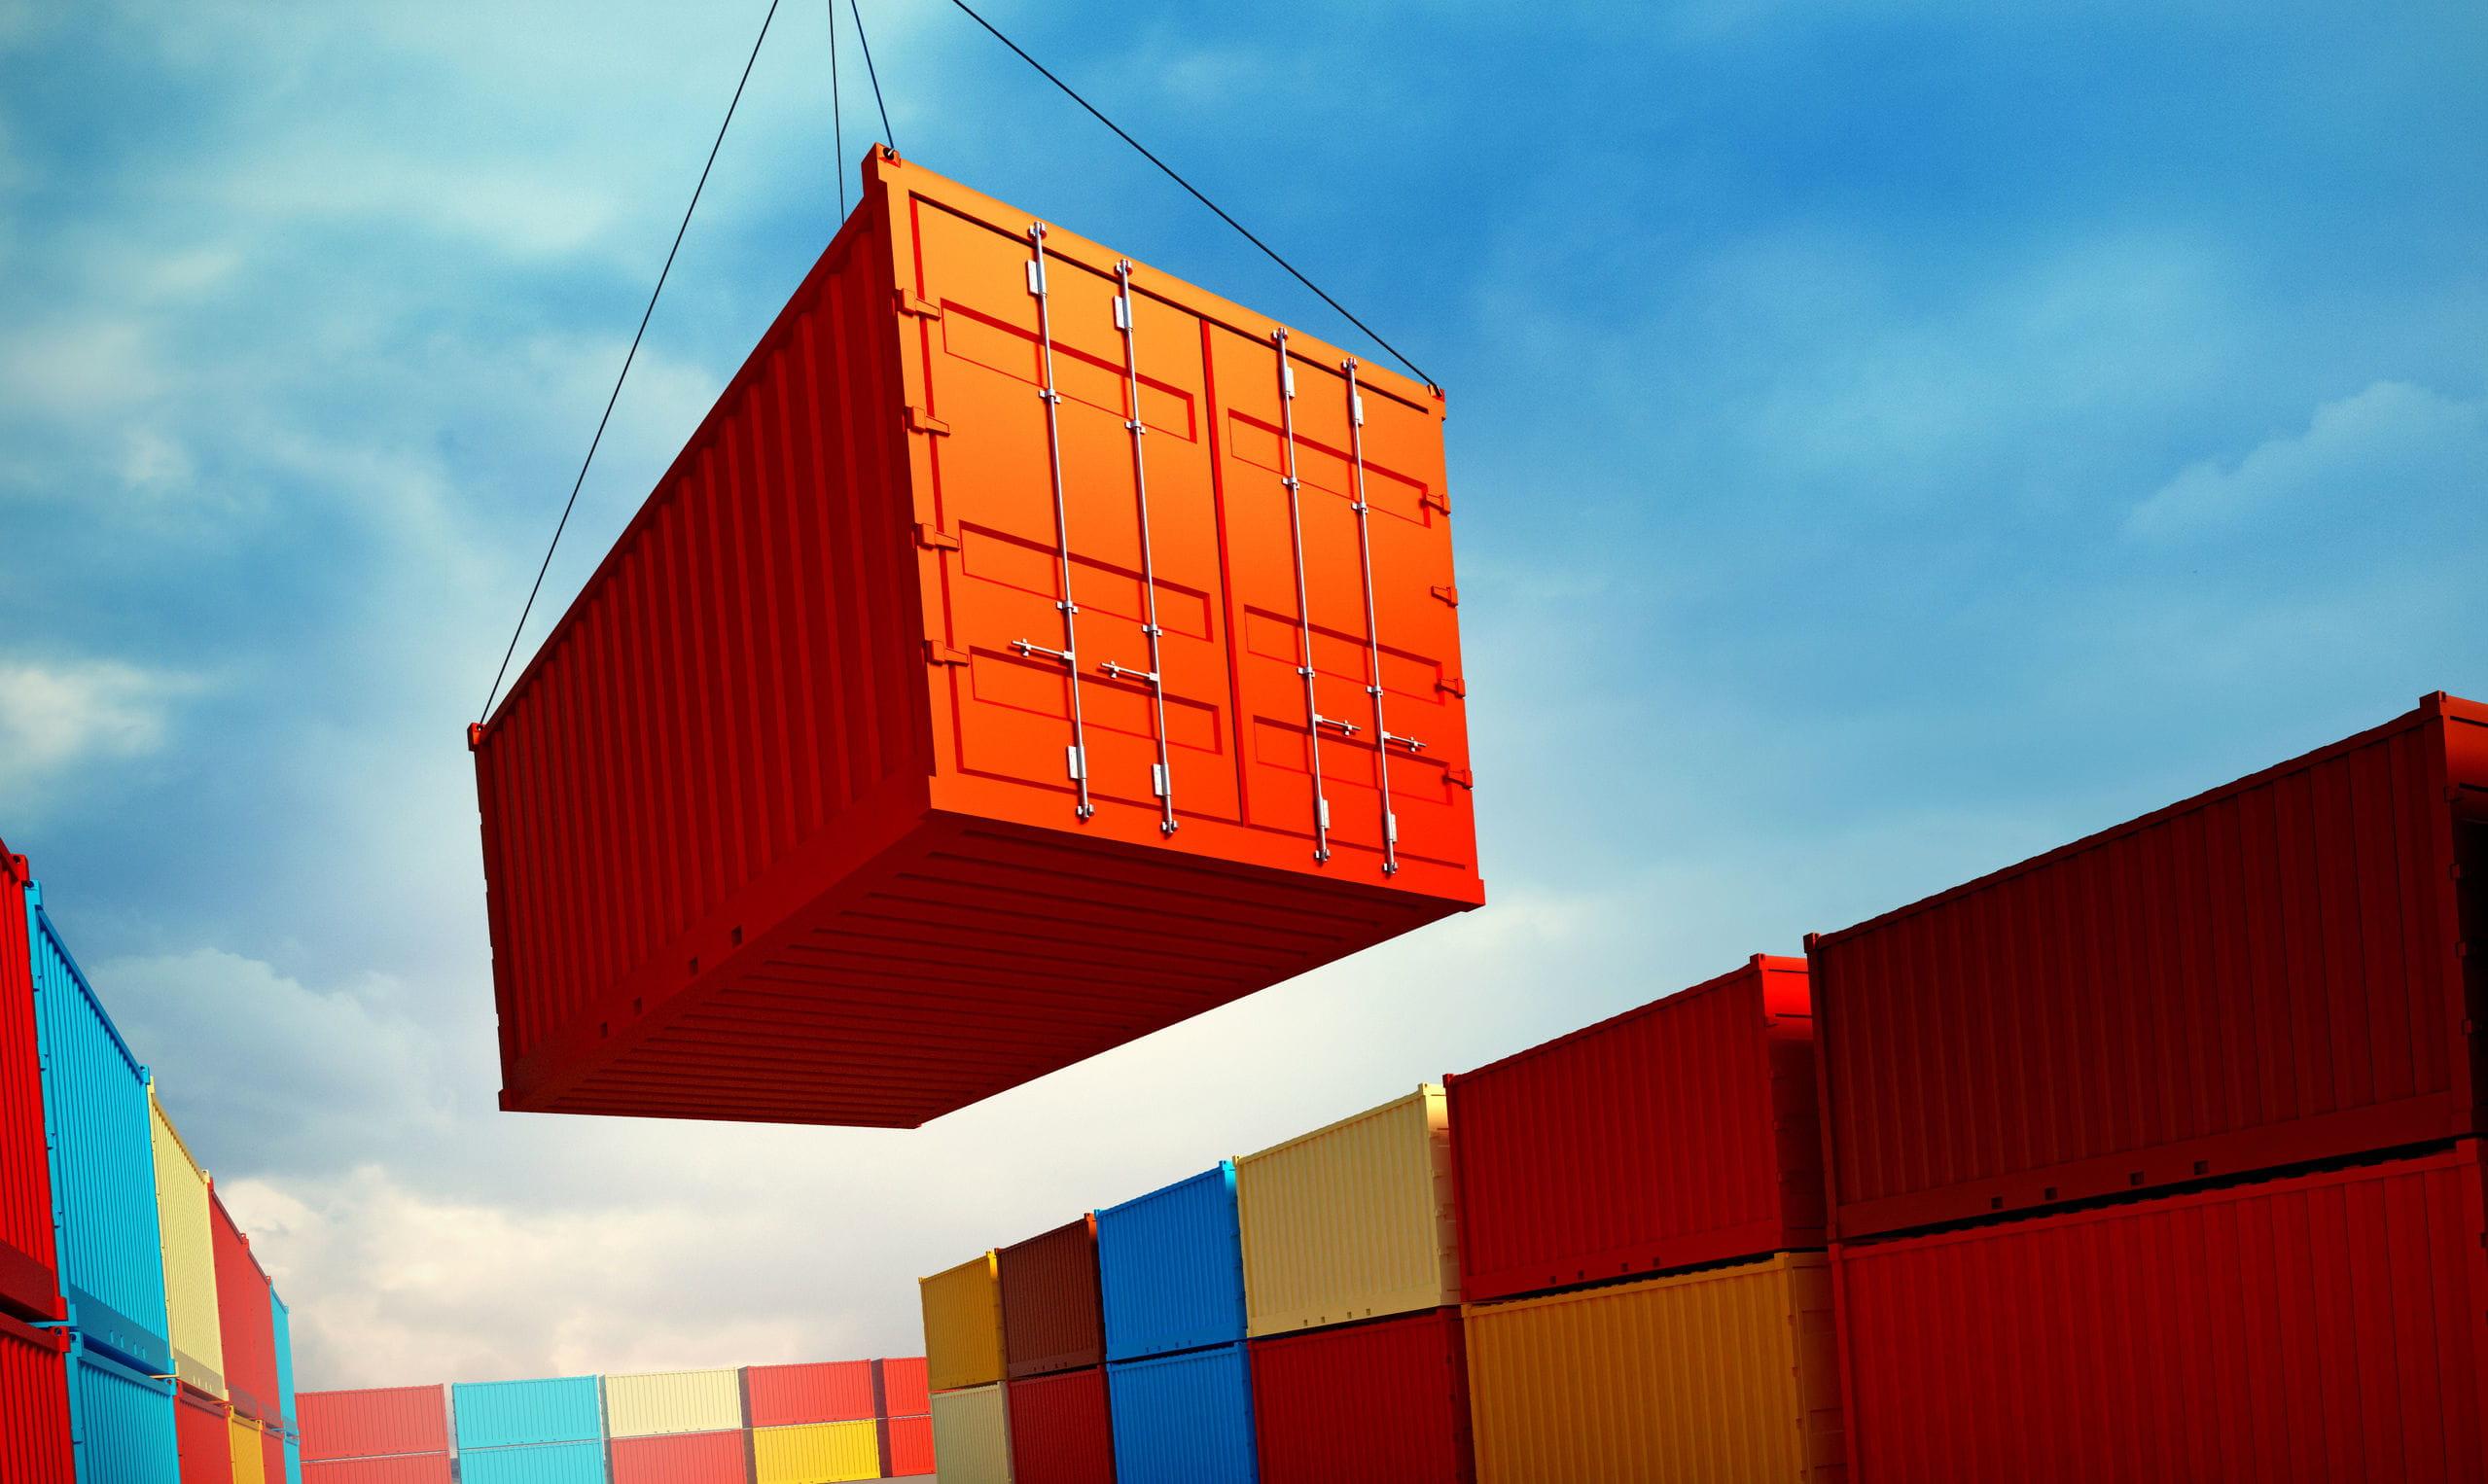 Les dsi fran ais se tournent massivement vers les containers for Container en francais